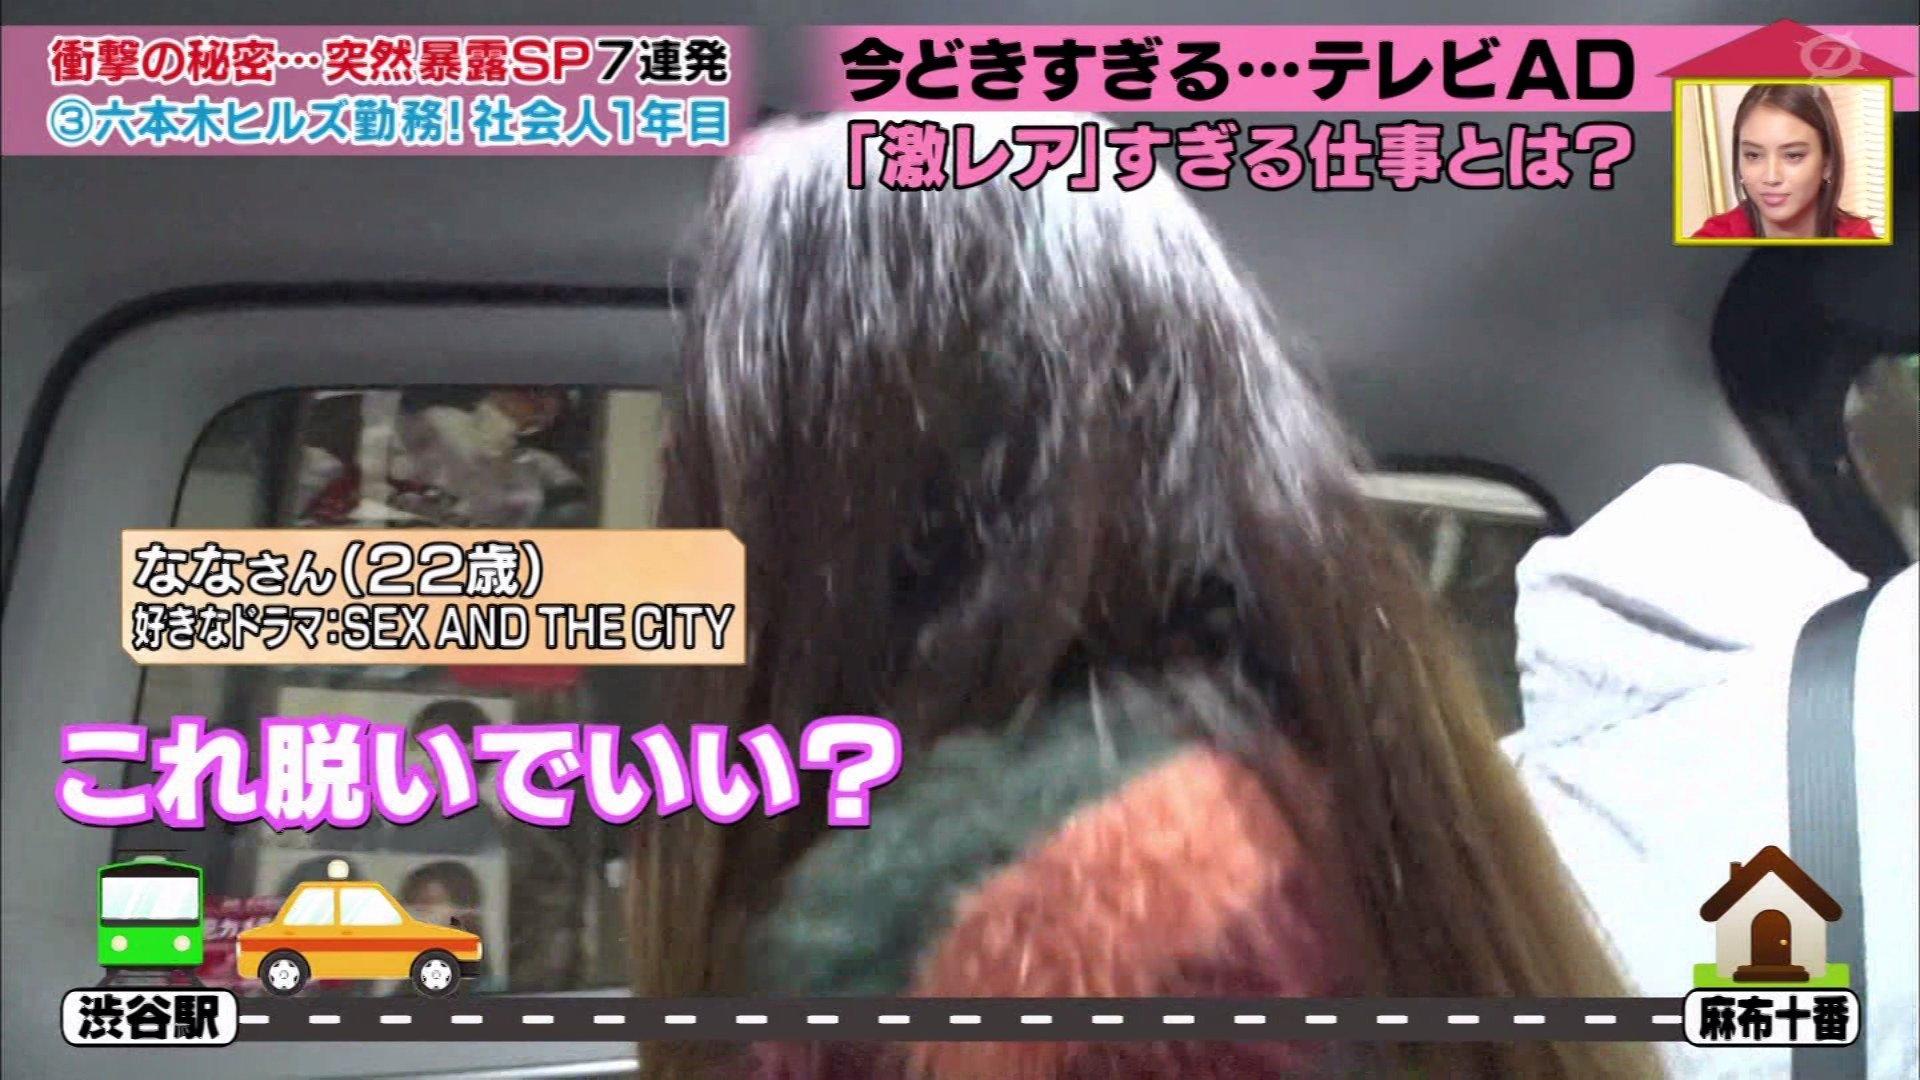 2019年10月9日の「家、ついて行ってイイですか?一見普通そうな人の「衝撃の秘密」2時間SP」に出演した渡辺菜奈さんのテレビキャプチャー画像-019